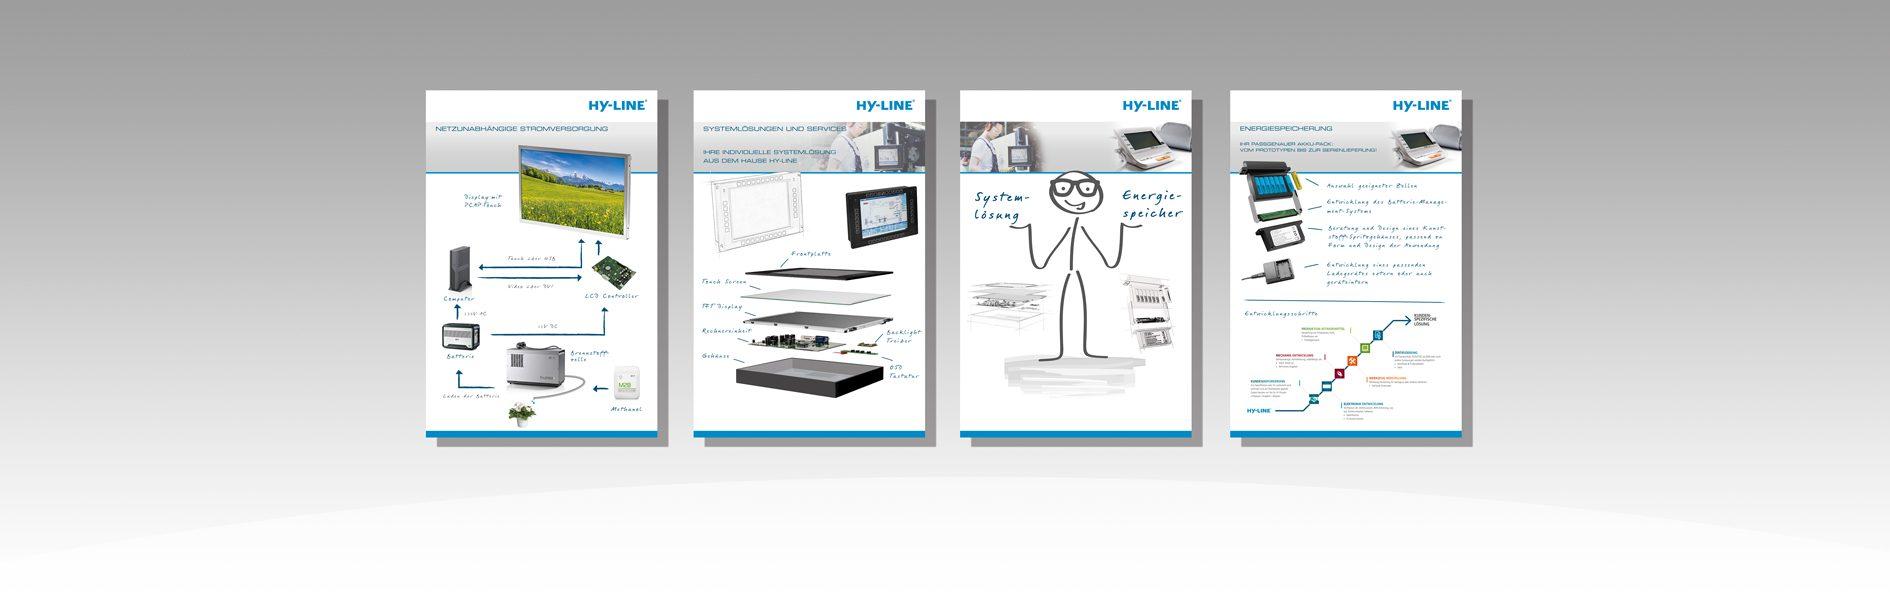 Hier sind die Messeplakate von HY-LINE abgebildet.